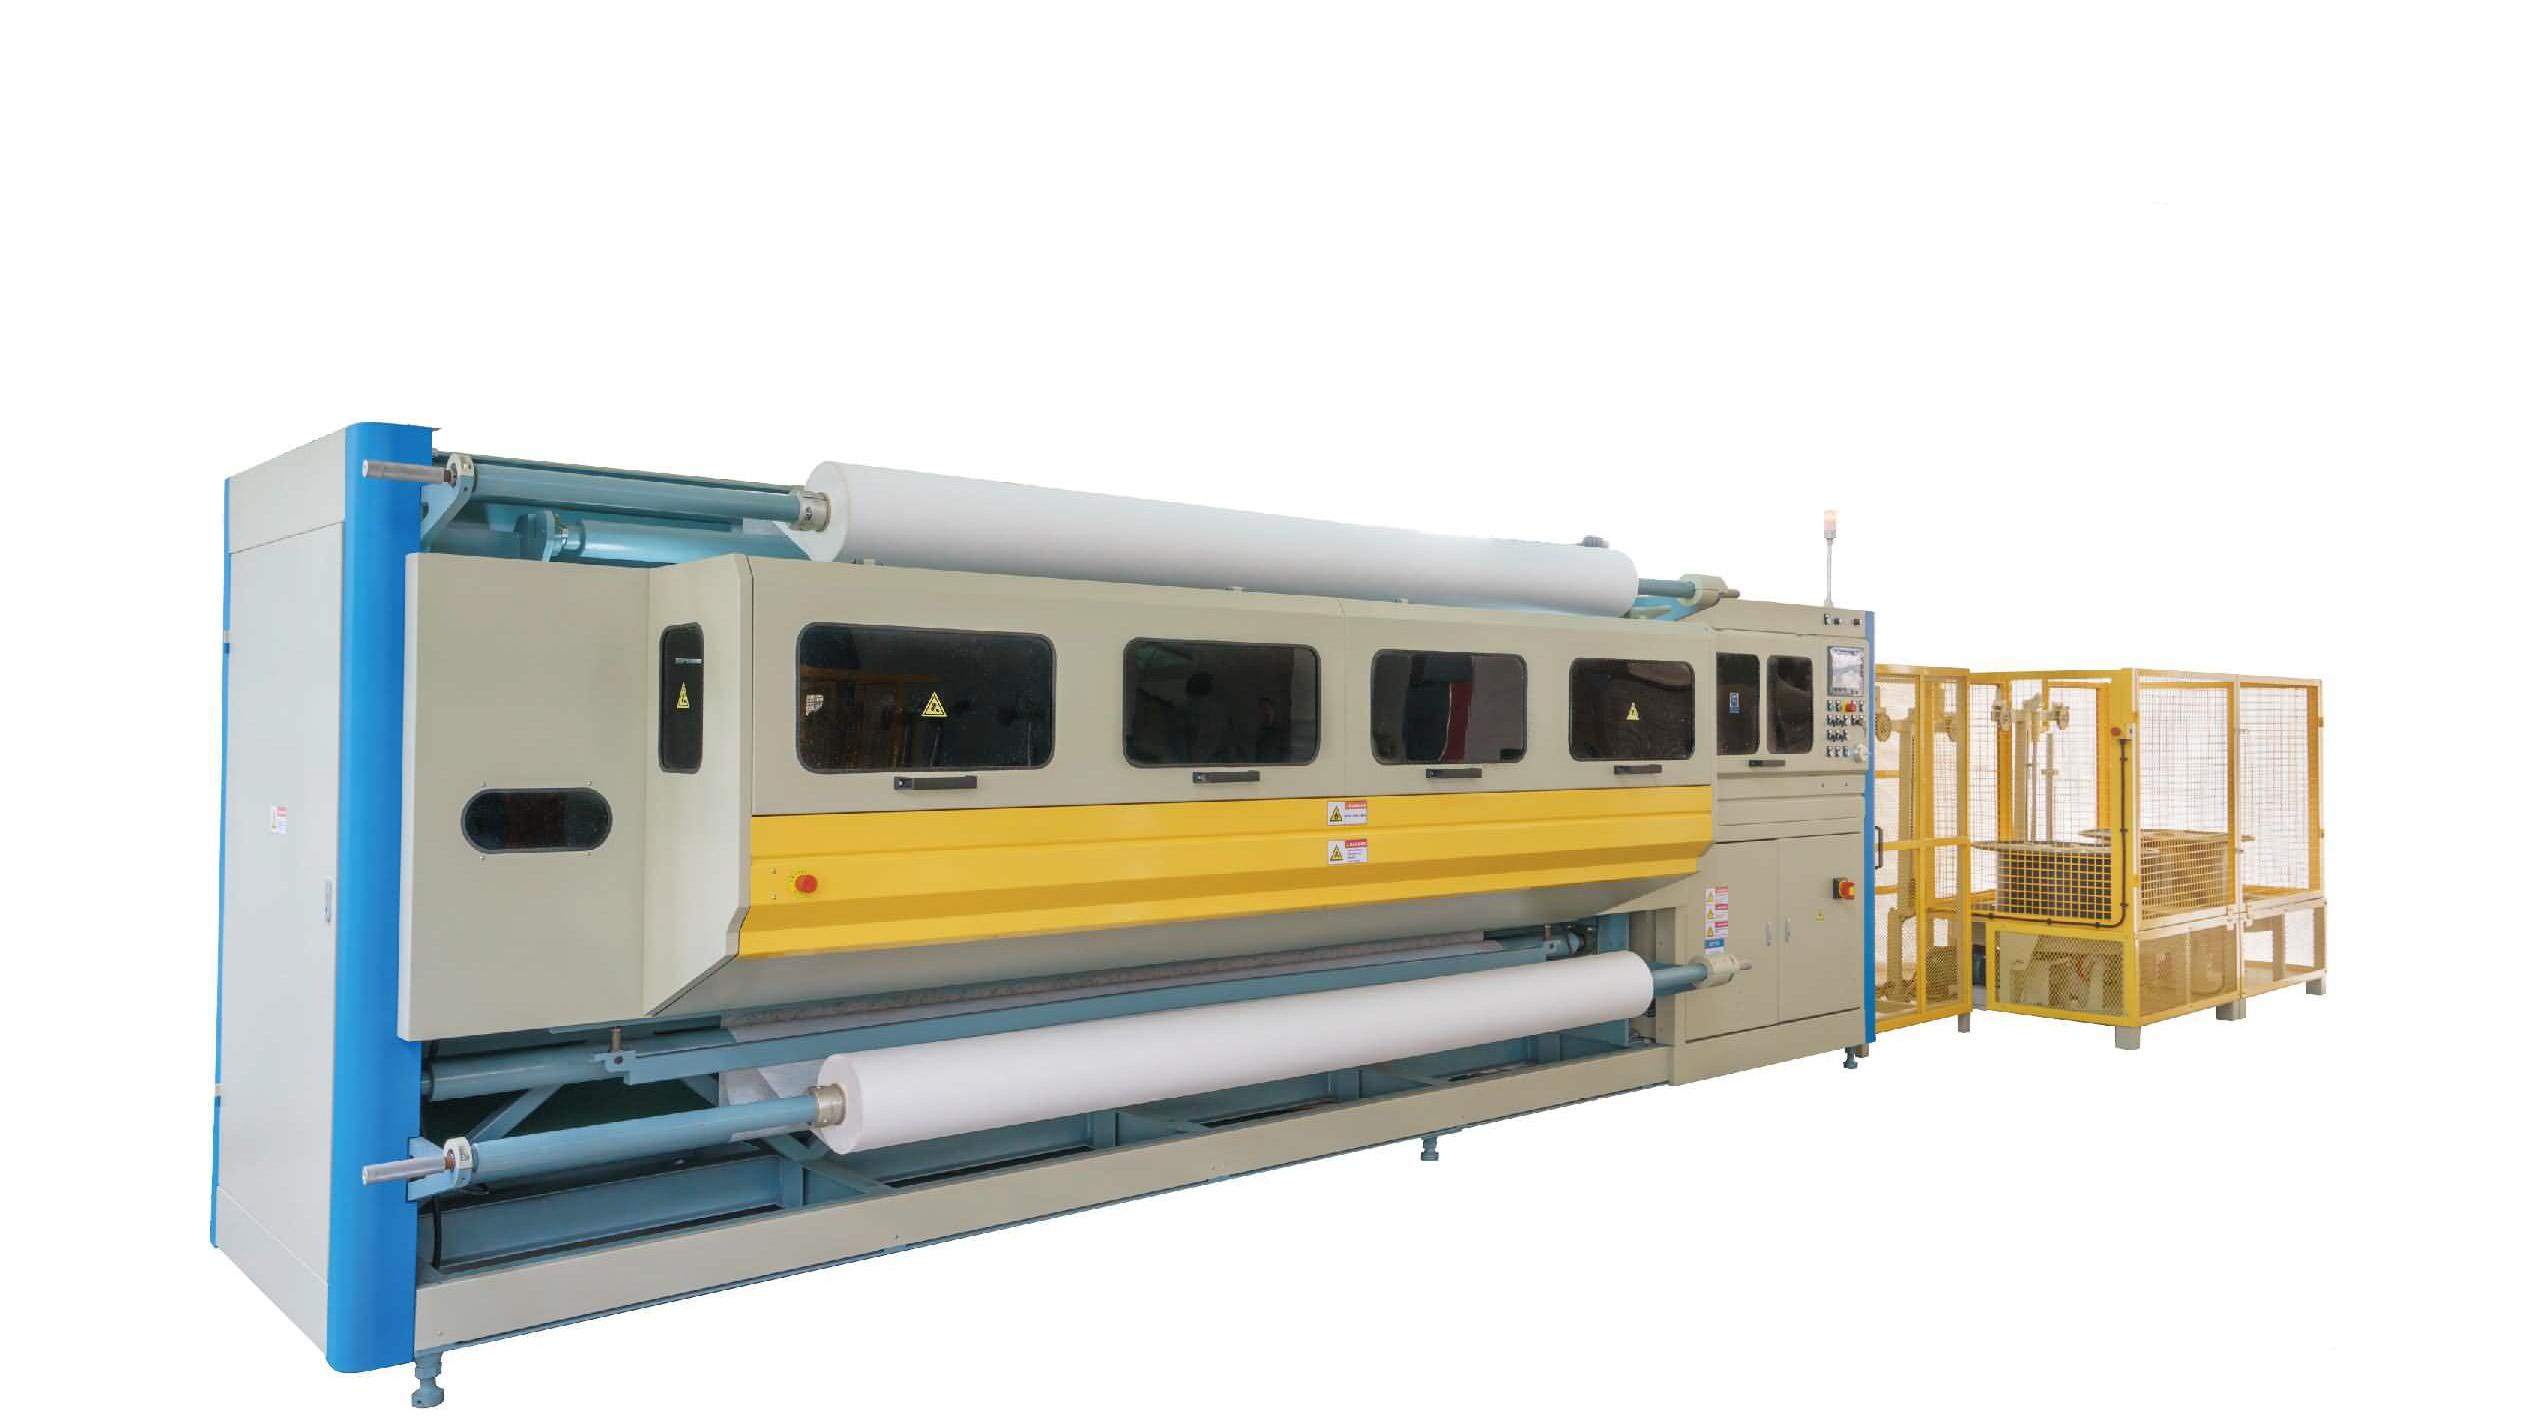 LR-KPLINE-BOX220